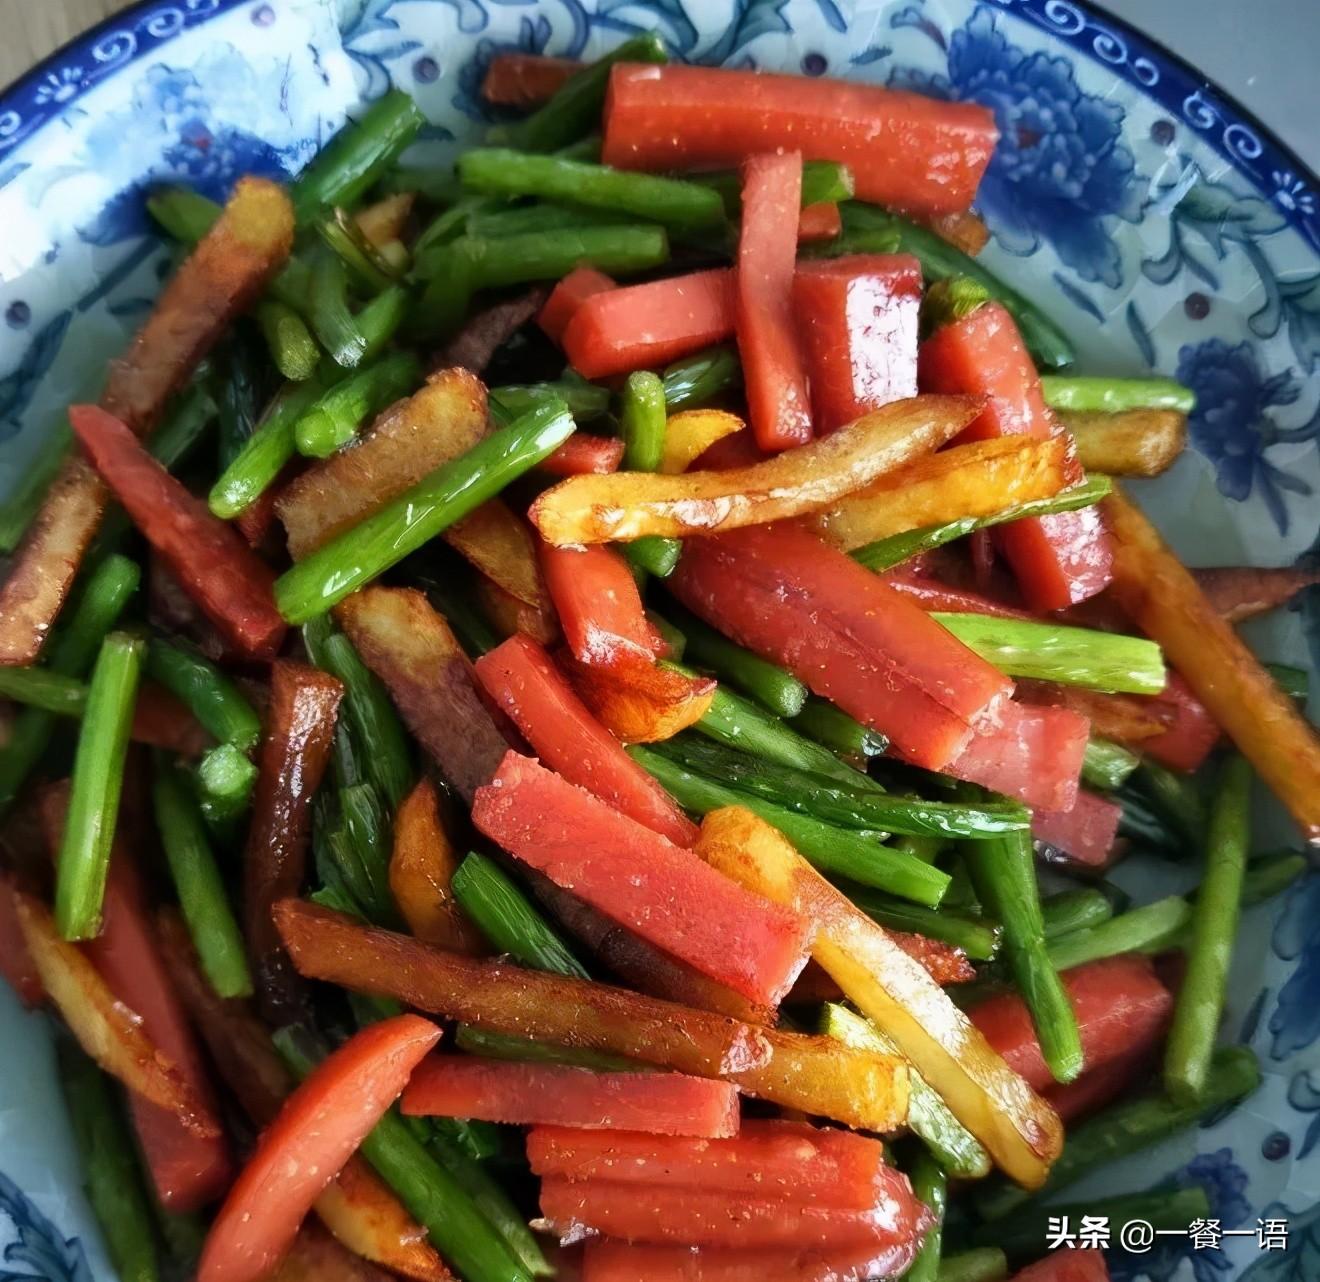 """正上市的这个蔬菜被誉为""""天然青霉素""""切粒炒着吃,鲜香爽脆 美食做法 第4张"""